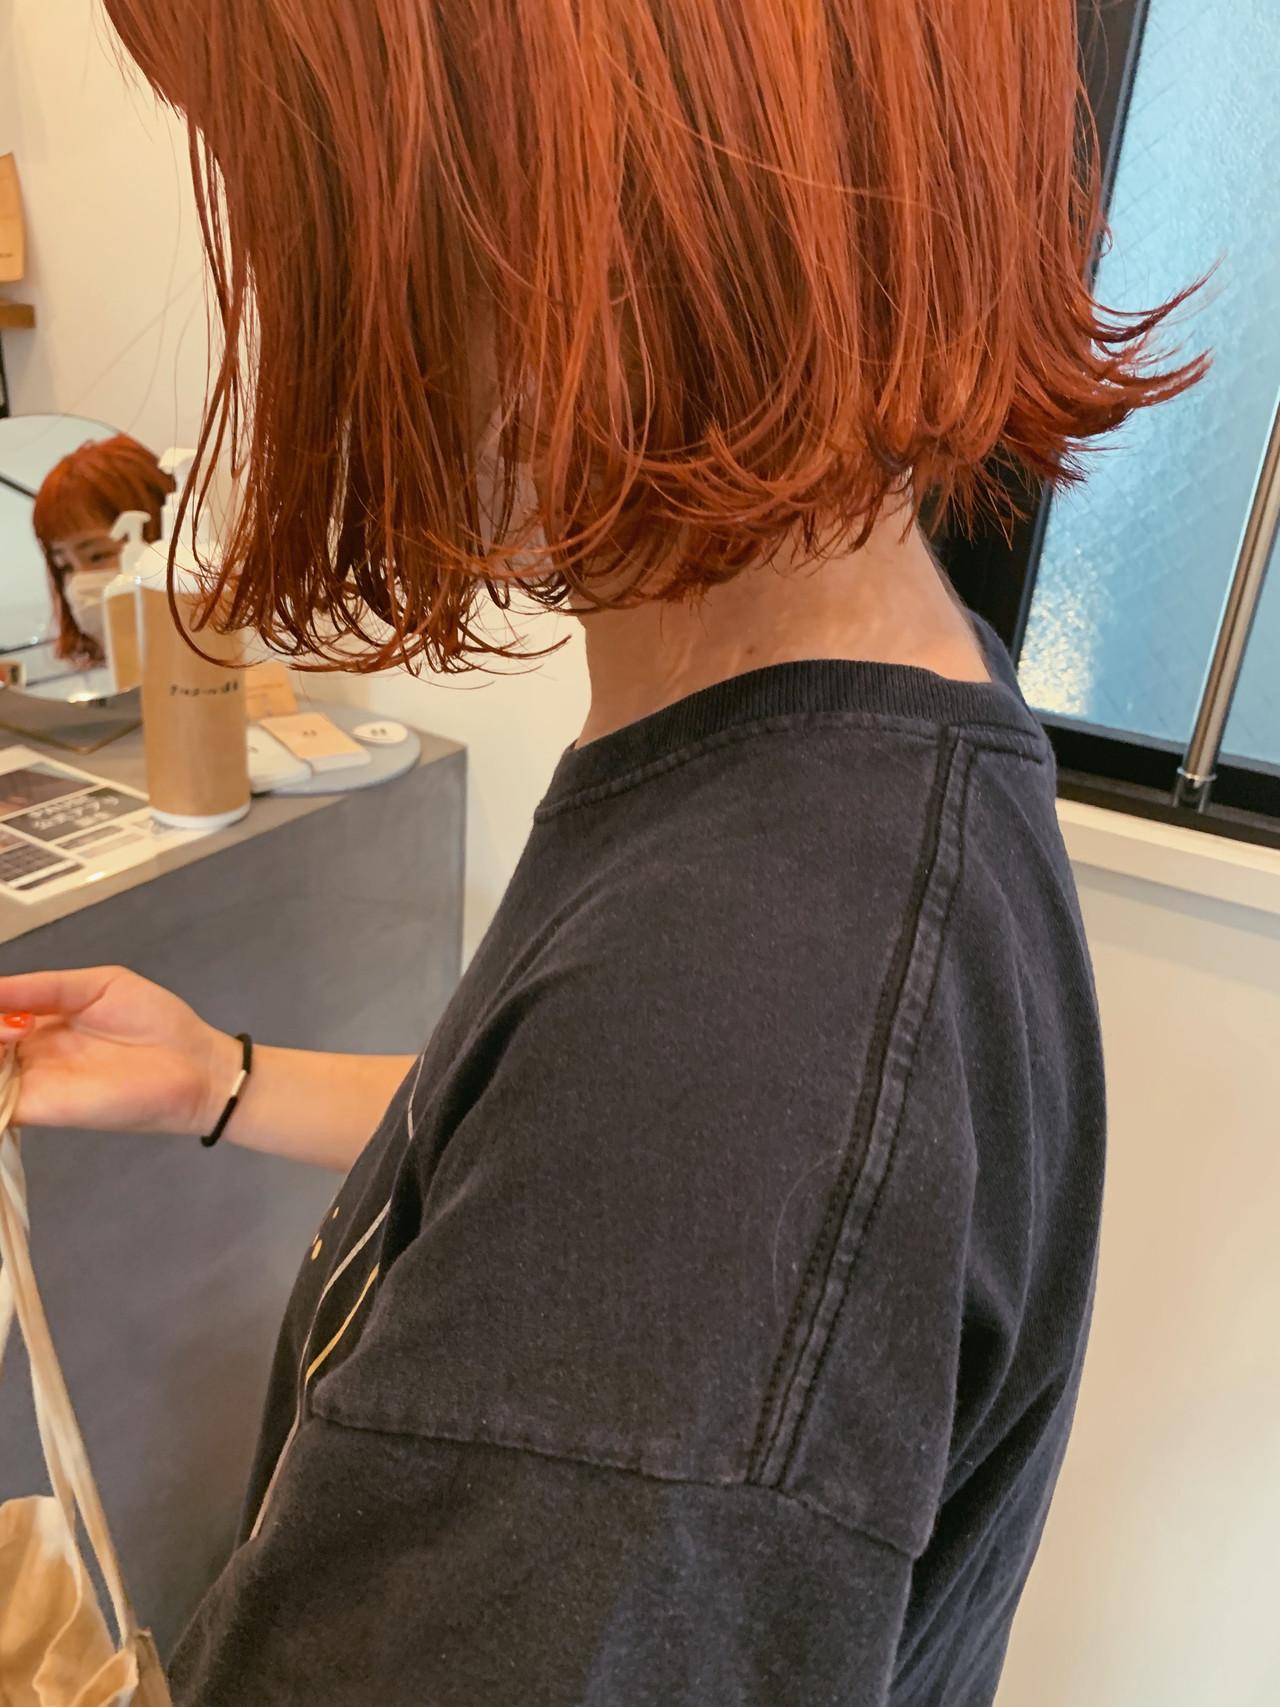 外ハネボブ 切りっぱなしボブ ダブルカラー オレンジヘアスタイルや髪型の写真・画像